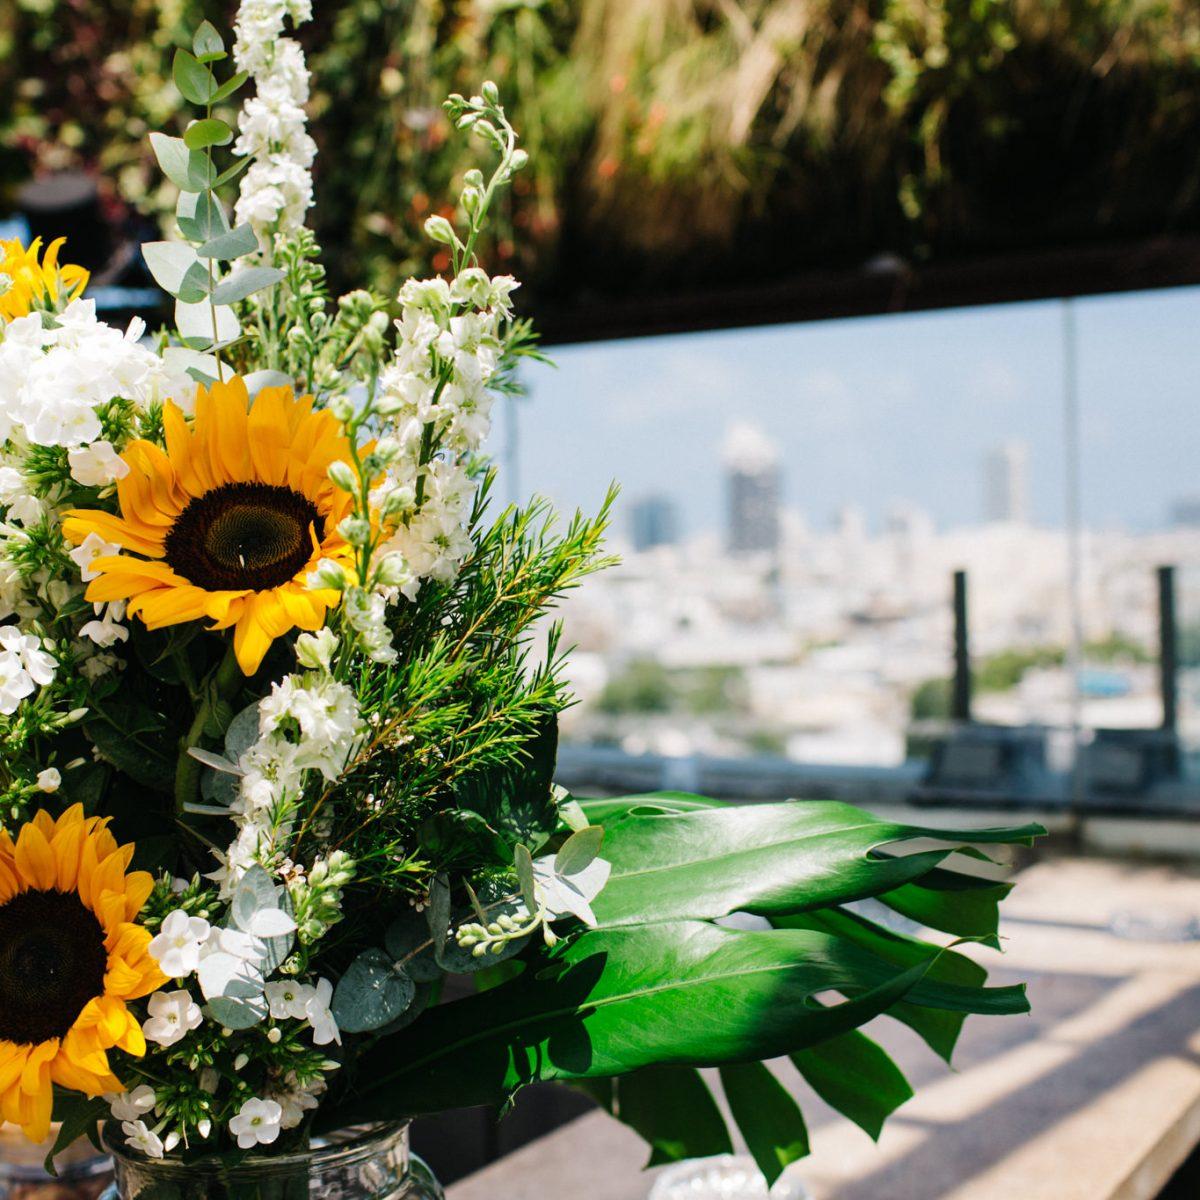 זר פרחים מעוצב עם חמניות על הבר -Flower arangemet with Sunflowers on the bar